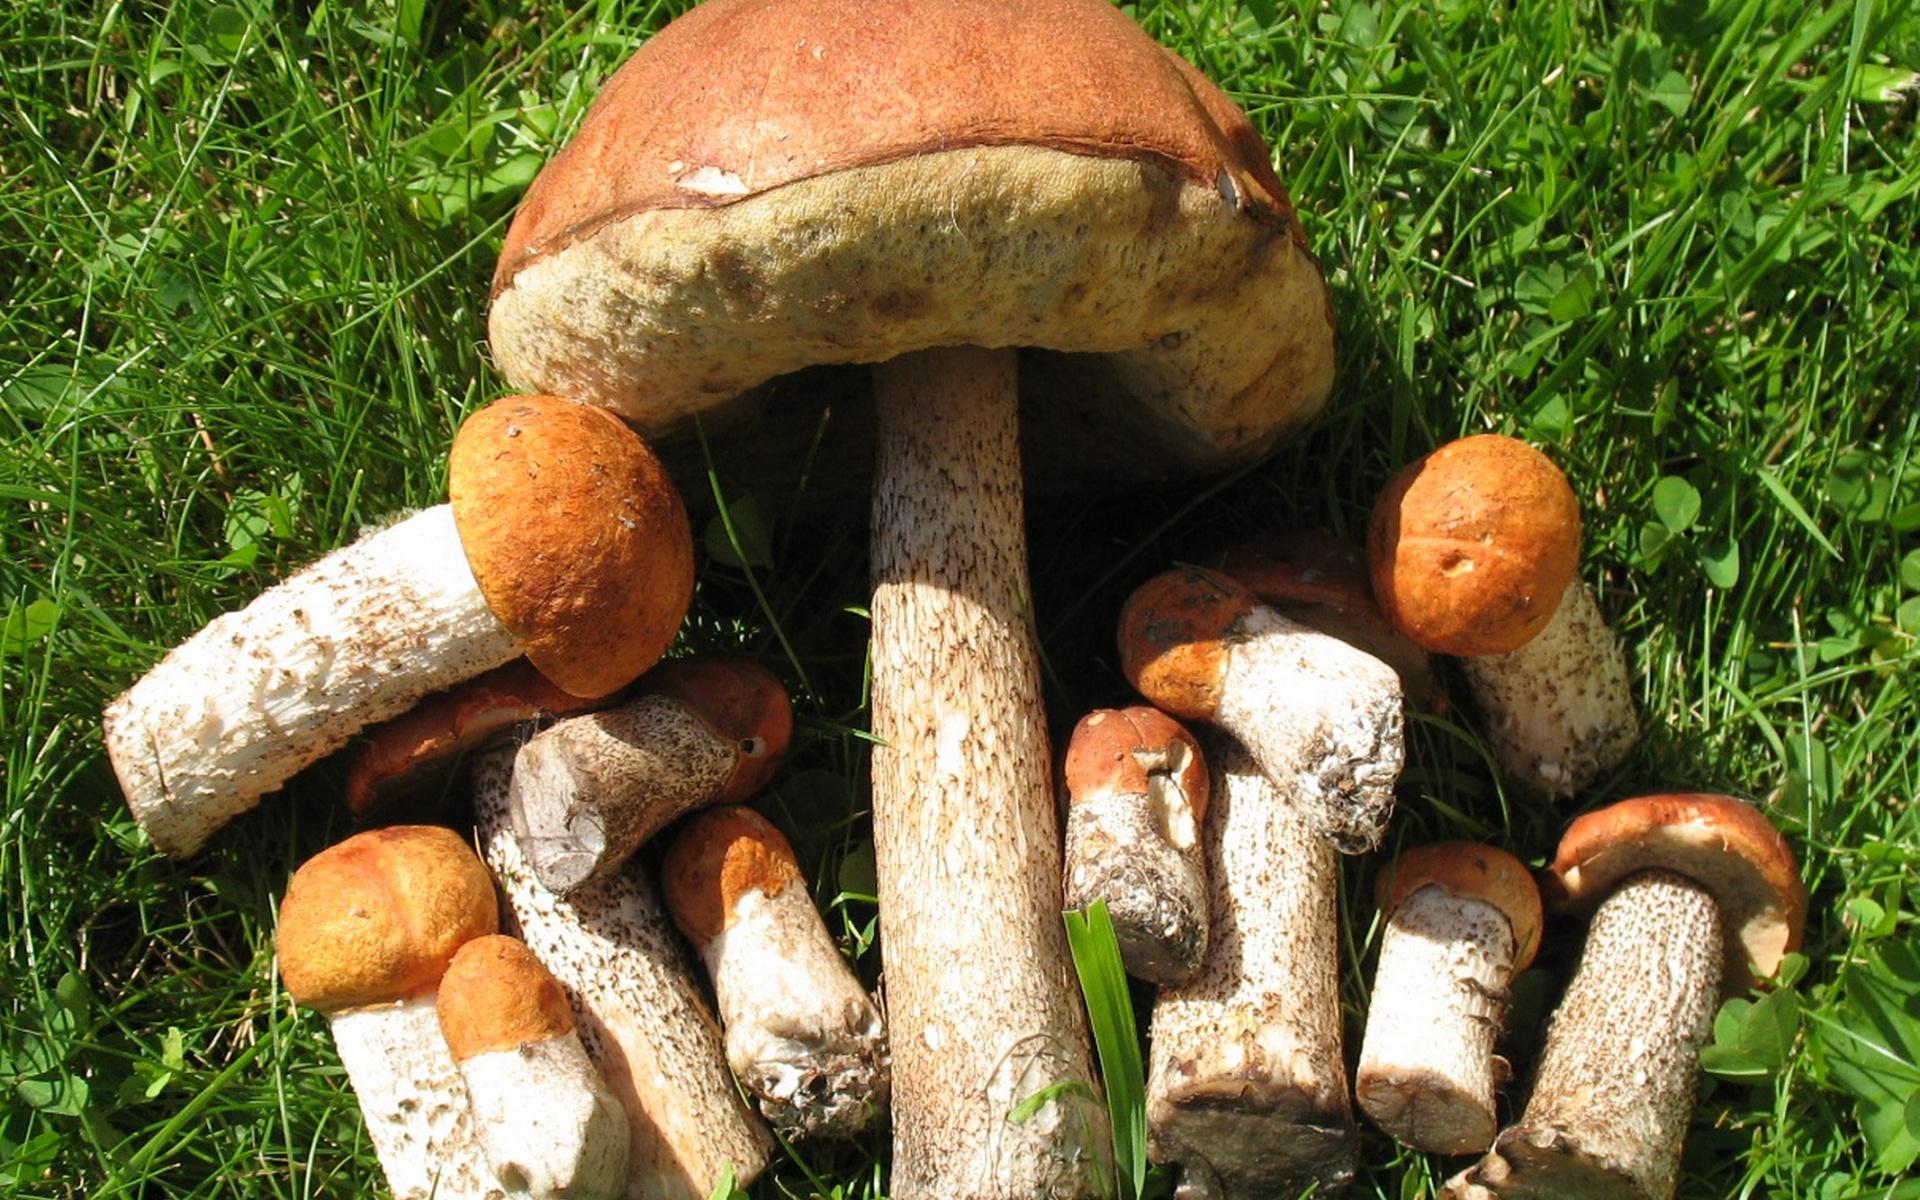 показать очень красивые картинки съедобных грибов живёт главный мушкетёр